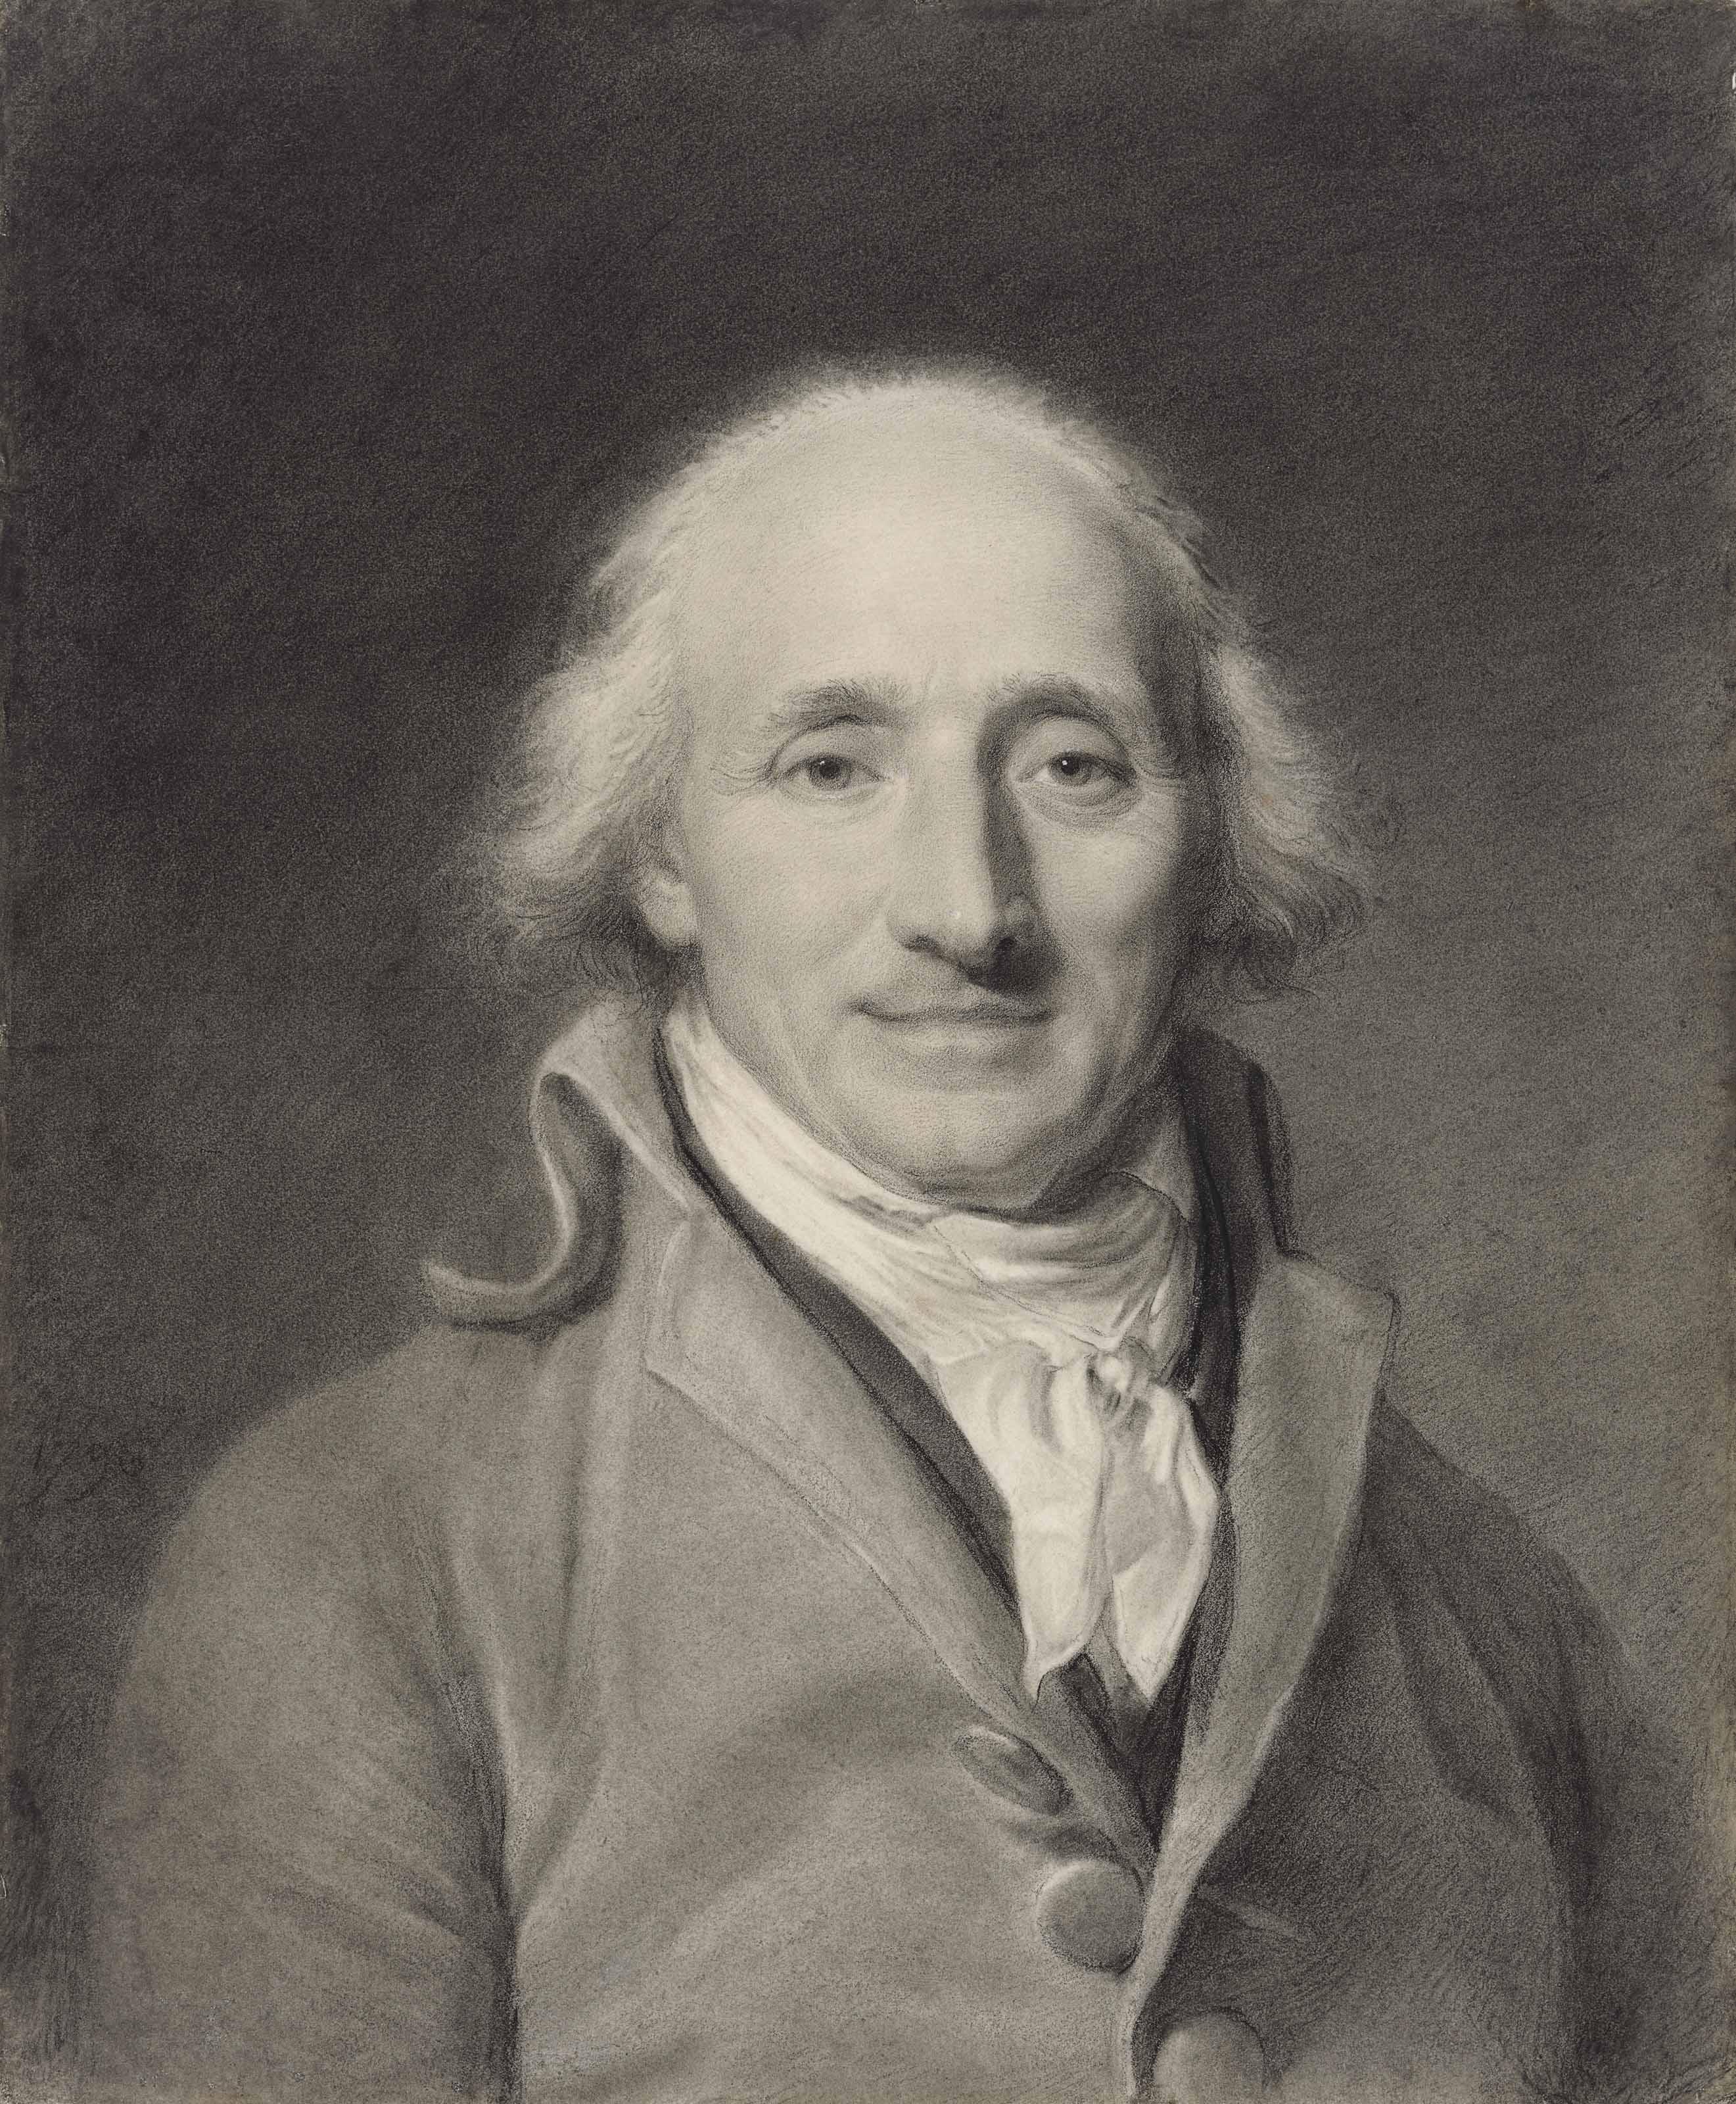 Portrait d'un homme en buste